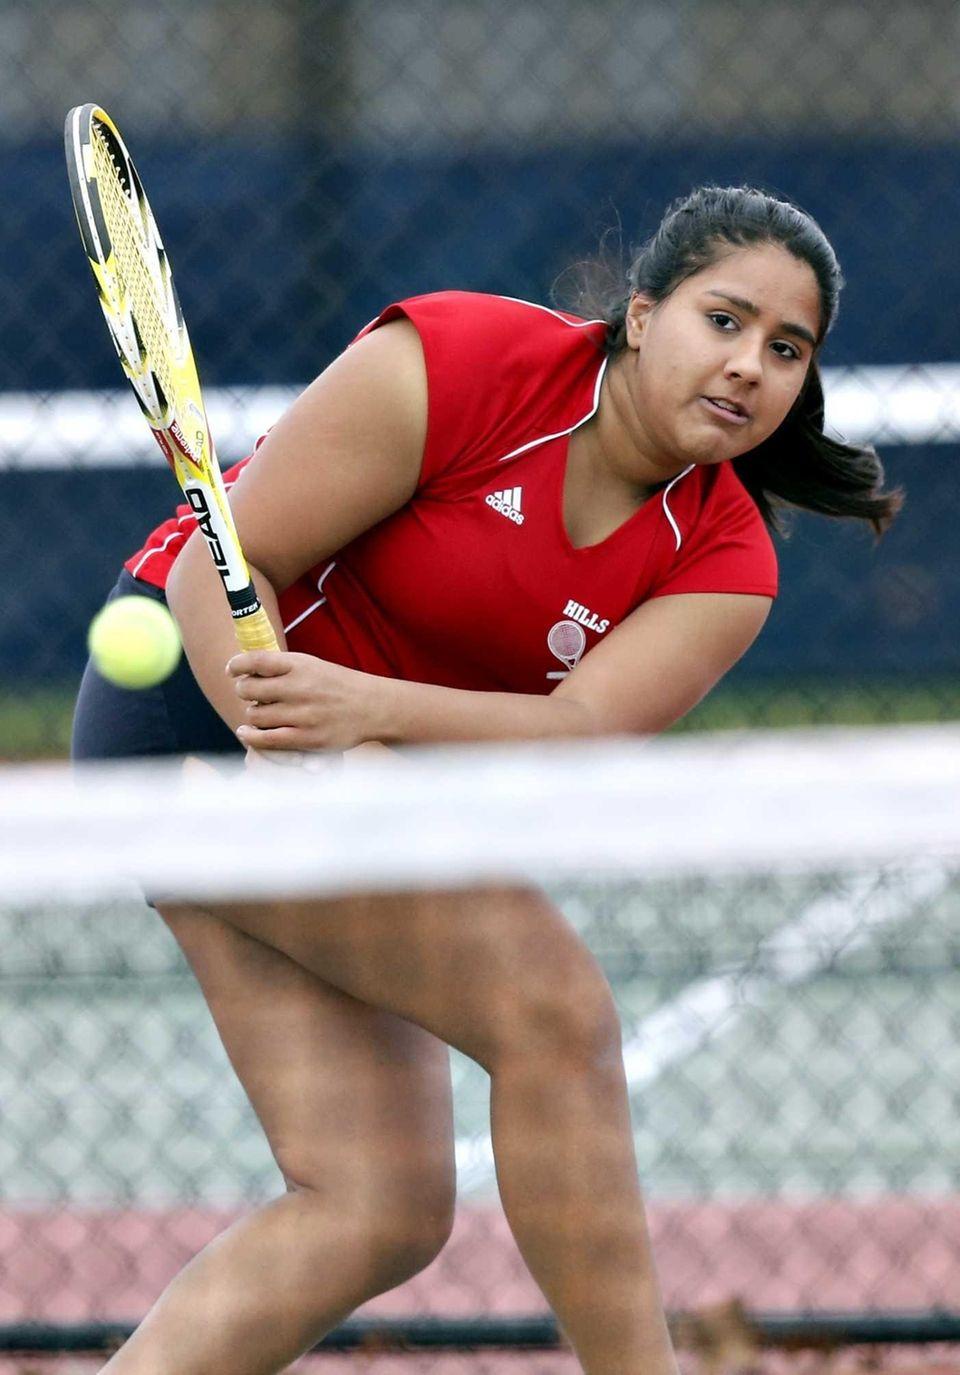 Half Hollow Hills East third doubles player Aikta